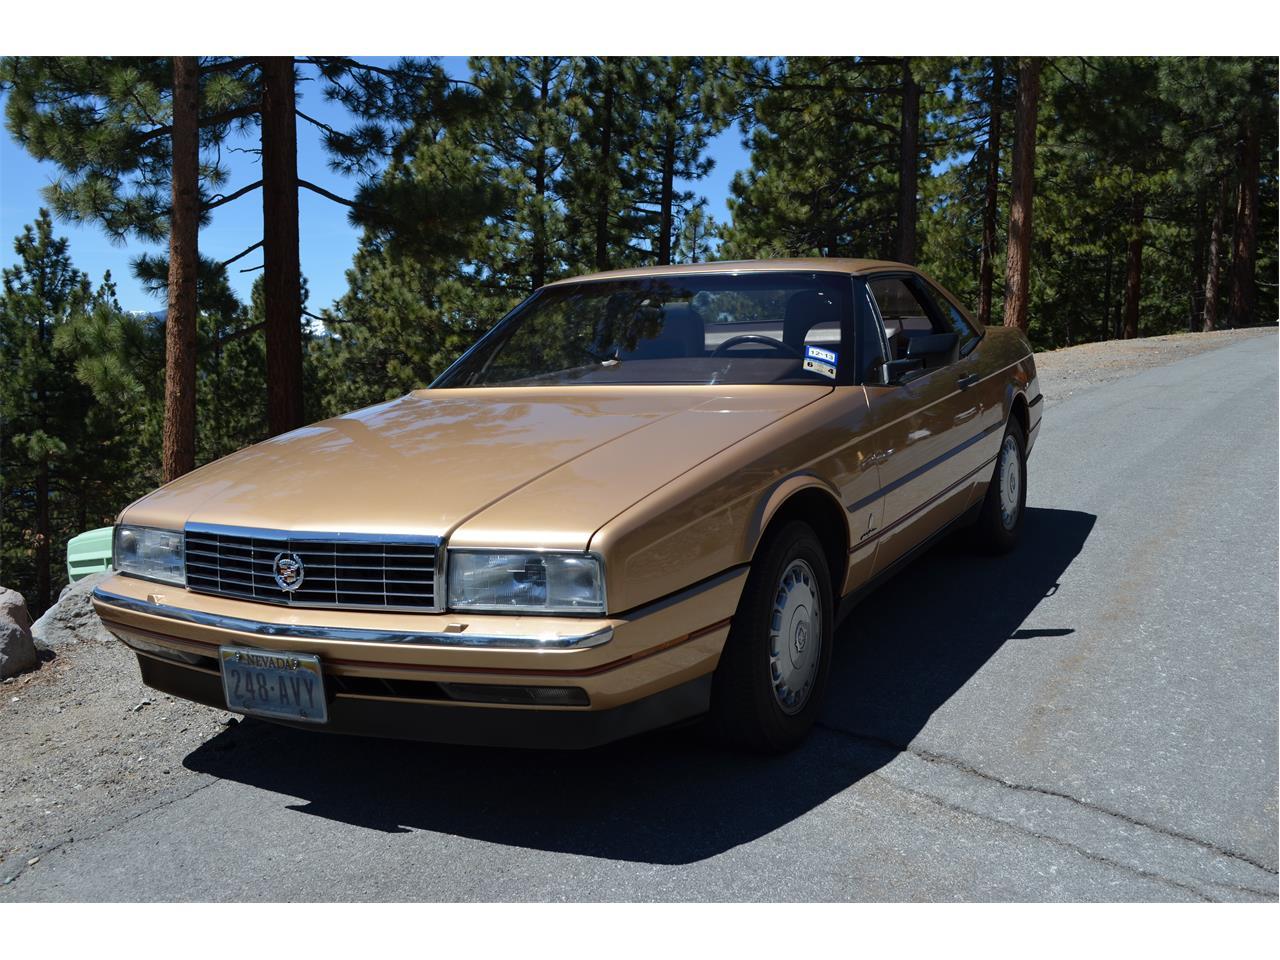 Cars For Sale Auto Village: 1987 Cadillac Allante For Sale